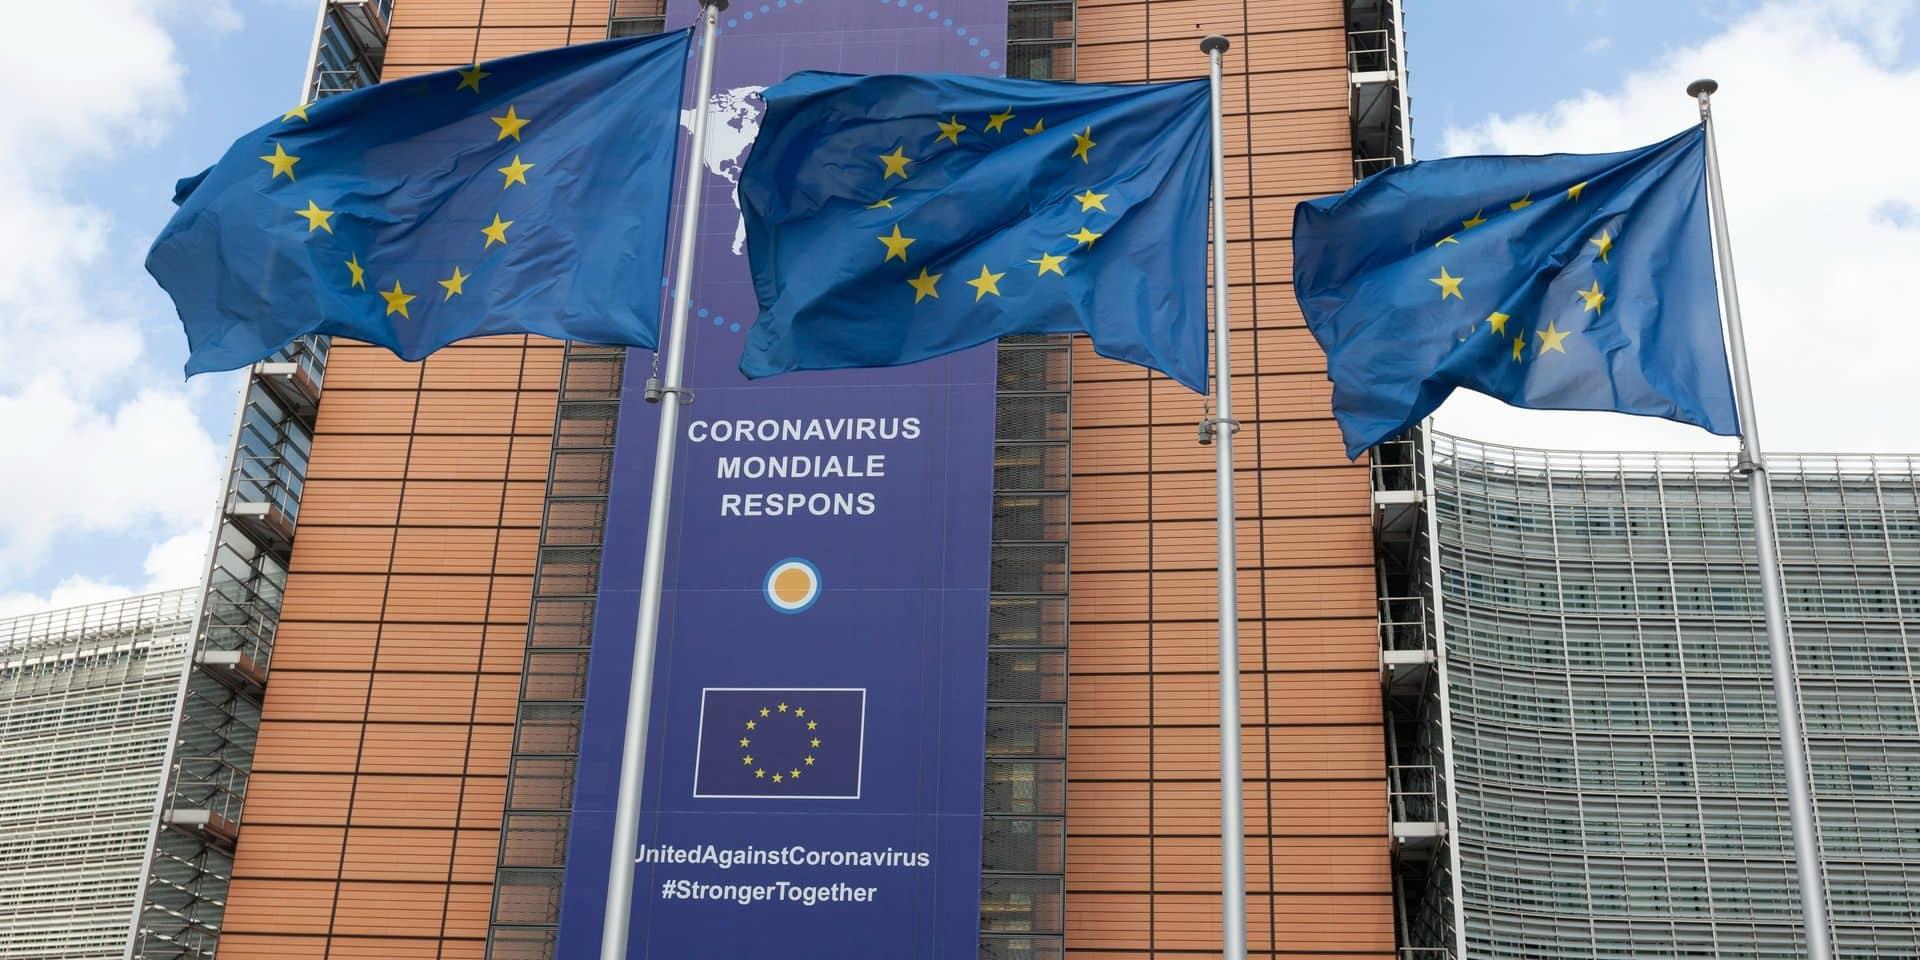 Devant l'ampleur de la crise, la Commission européenne prolonge l'assouplissement des aides d'Etat